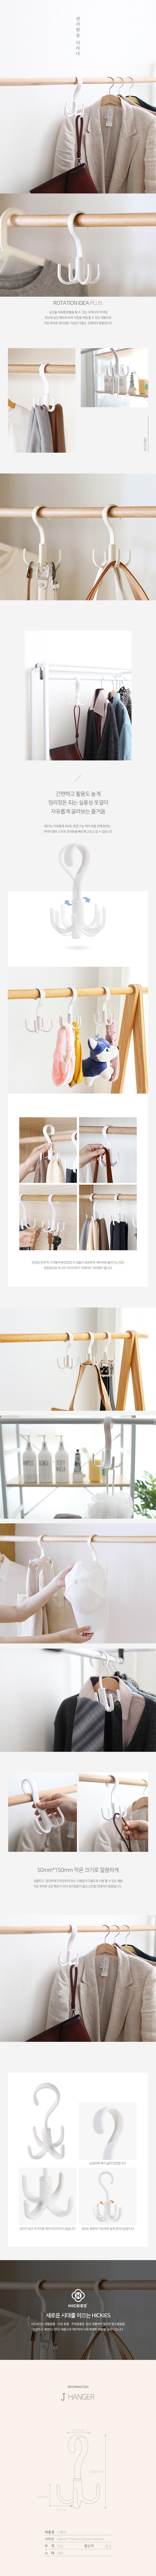 넥타이 벨트 옷 스카프 모자걸이 다용도 회전 J 행거 - 심플, 3,800원, 행거/드레스룸/옷걸이, 다용도훅/홀더랙